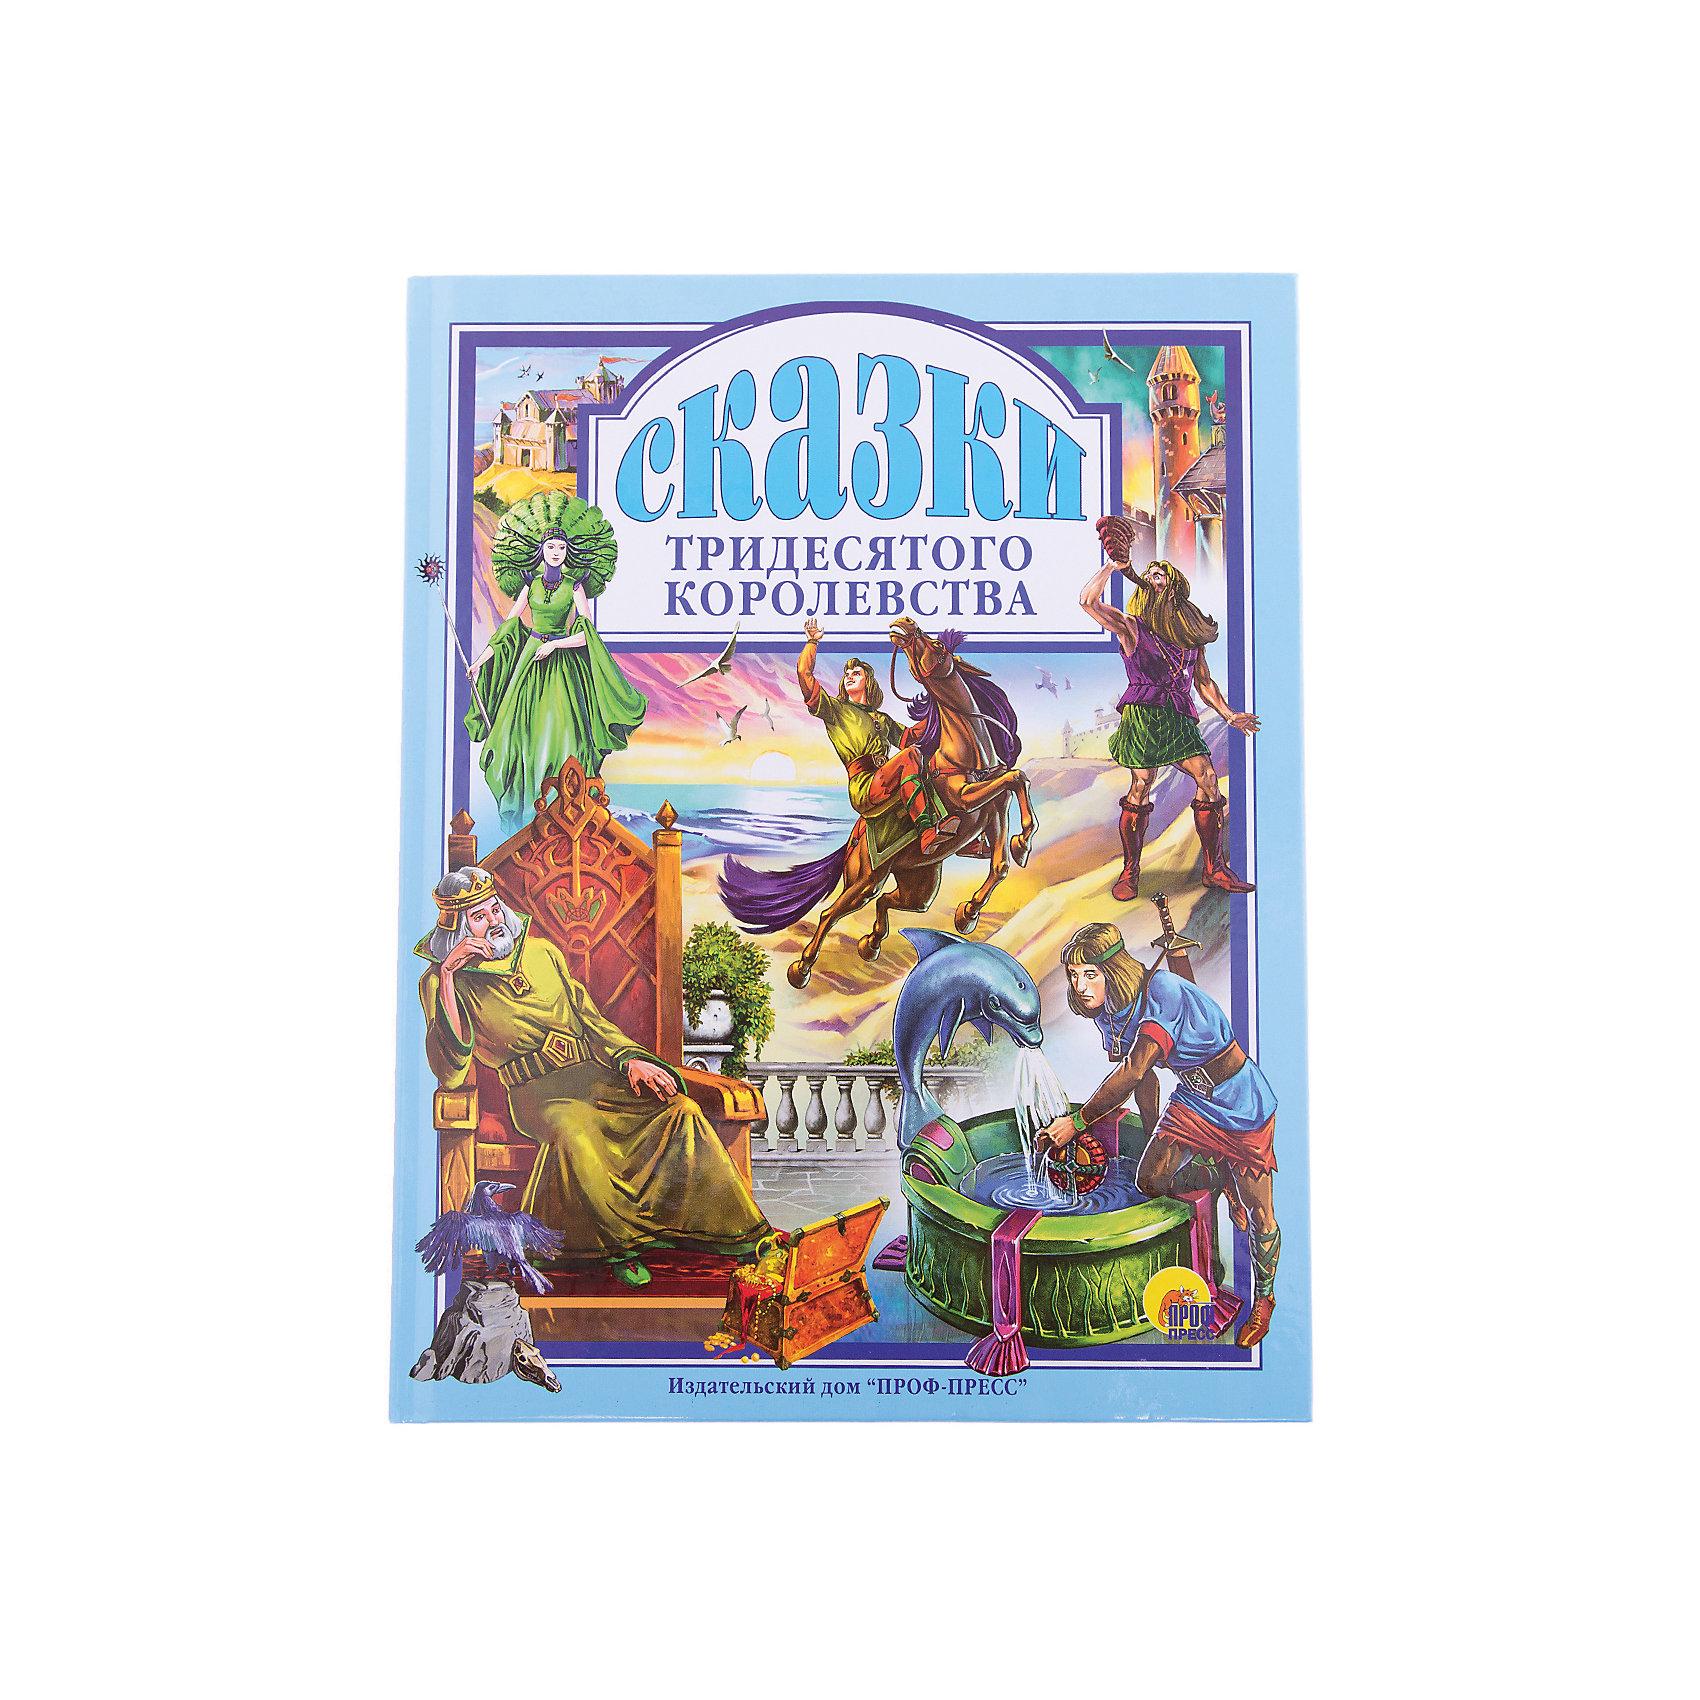 Сборник Сказки Тридесятого КоролевстваЗарубежные сказки<br>Сказки Тридесятого королевства загадочны и необычны. Ребятишки познакомятся с творчеством Оскара Уайльда, Вильгельма Гауфа, а также прочитают фольклорные истории европейских народов. Самые разные персонажи встретятся на страницах этого издания: принцессы, эльфы, волшебные лошади, королевичи, злые чародеи, великаны и даже Подземный Владыка с Владычицей Бурь. Замечательные иллюстрации Виктора Служаева и Эмилии Ферез отлично гармонируют с текстом, их невозможно оторваться. Окунитесь в мир чудесных приключений!<br><br><br>Дополнительная информация:<br><br>Пересказ: Людмила Шутько. <br>Редактор: В. Гетцель .  <br>Серия: Любимые сказки <br>Переплет:твердый.   <br>Количество страниц: 144  Станет ярким и полезным подарком Вашему малышу!<br><br>Ширина мм: 265<br>Глубина мм: 200<br>Высота мм: 15<br>Вес г: 460<br>Возраст от месяцев: 36<br>Возраст до месяцев: 72<br>Пол: Унисекс<br>Возраст: Детский<br>SKU: 3321476